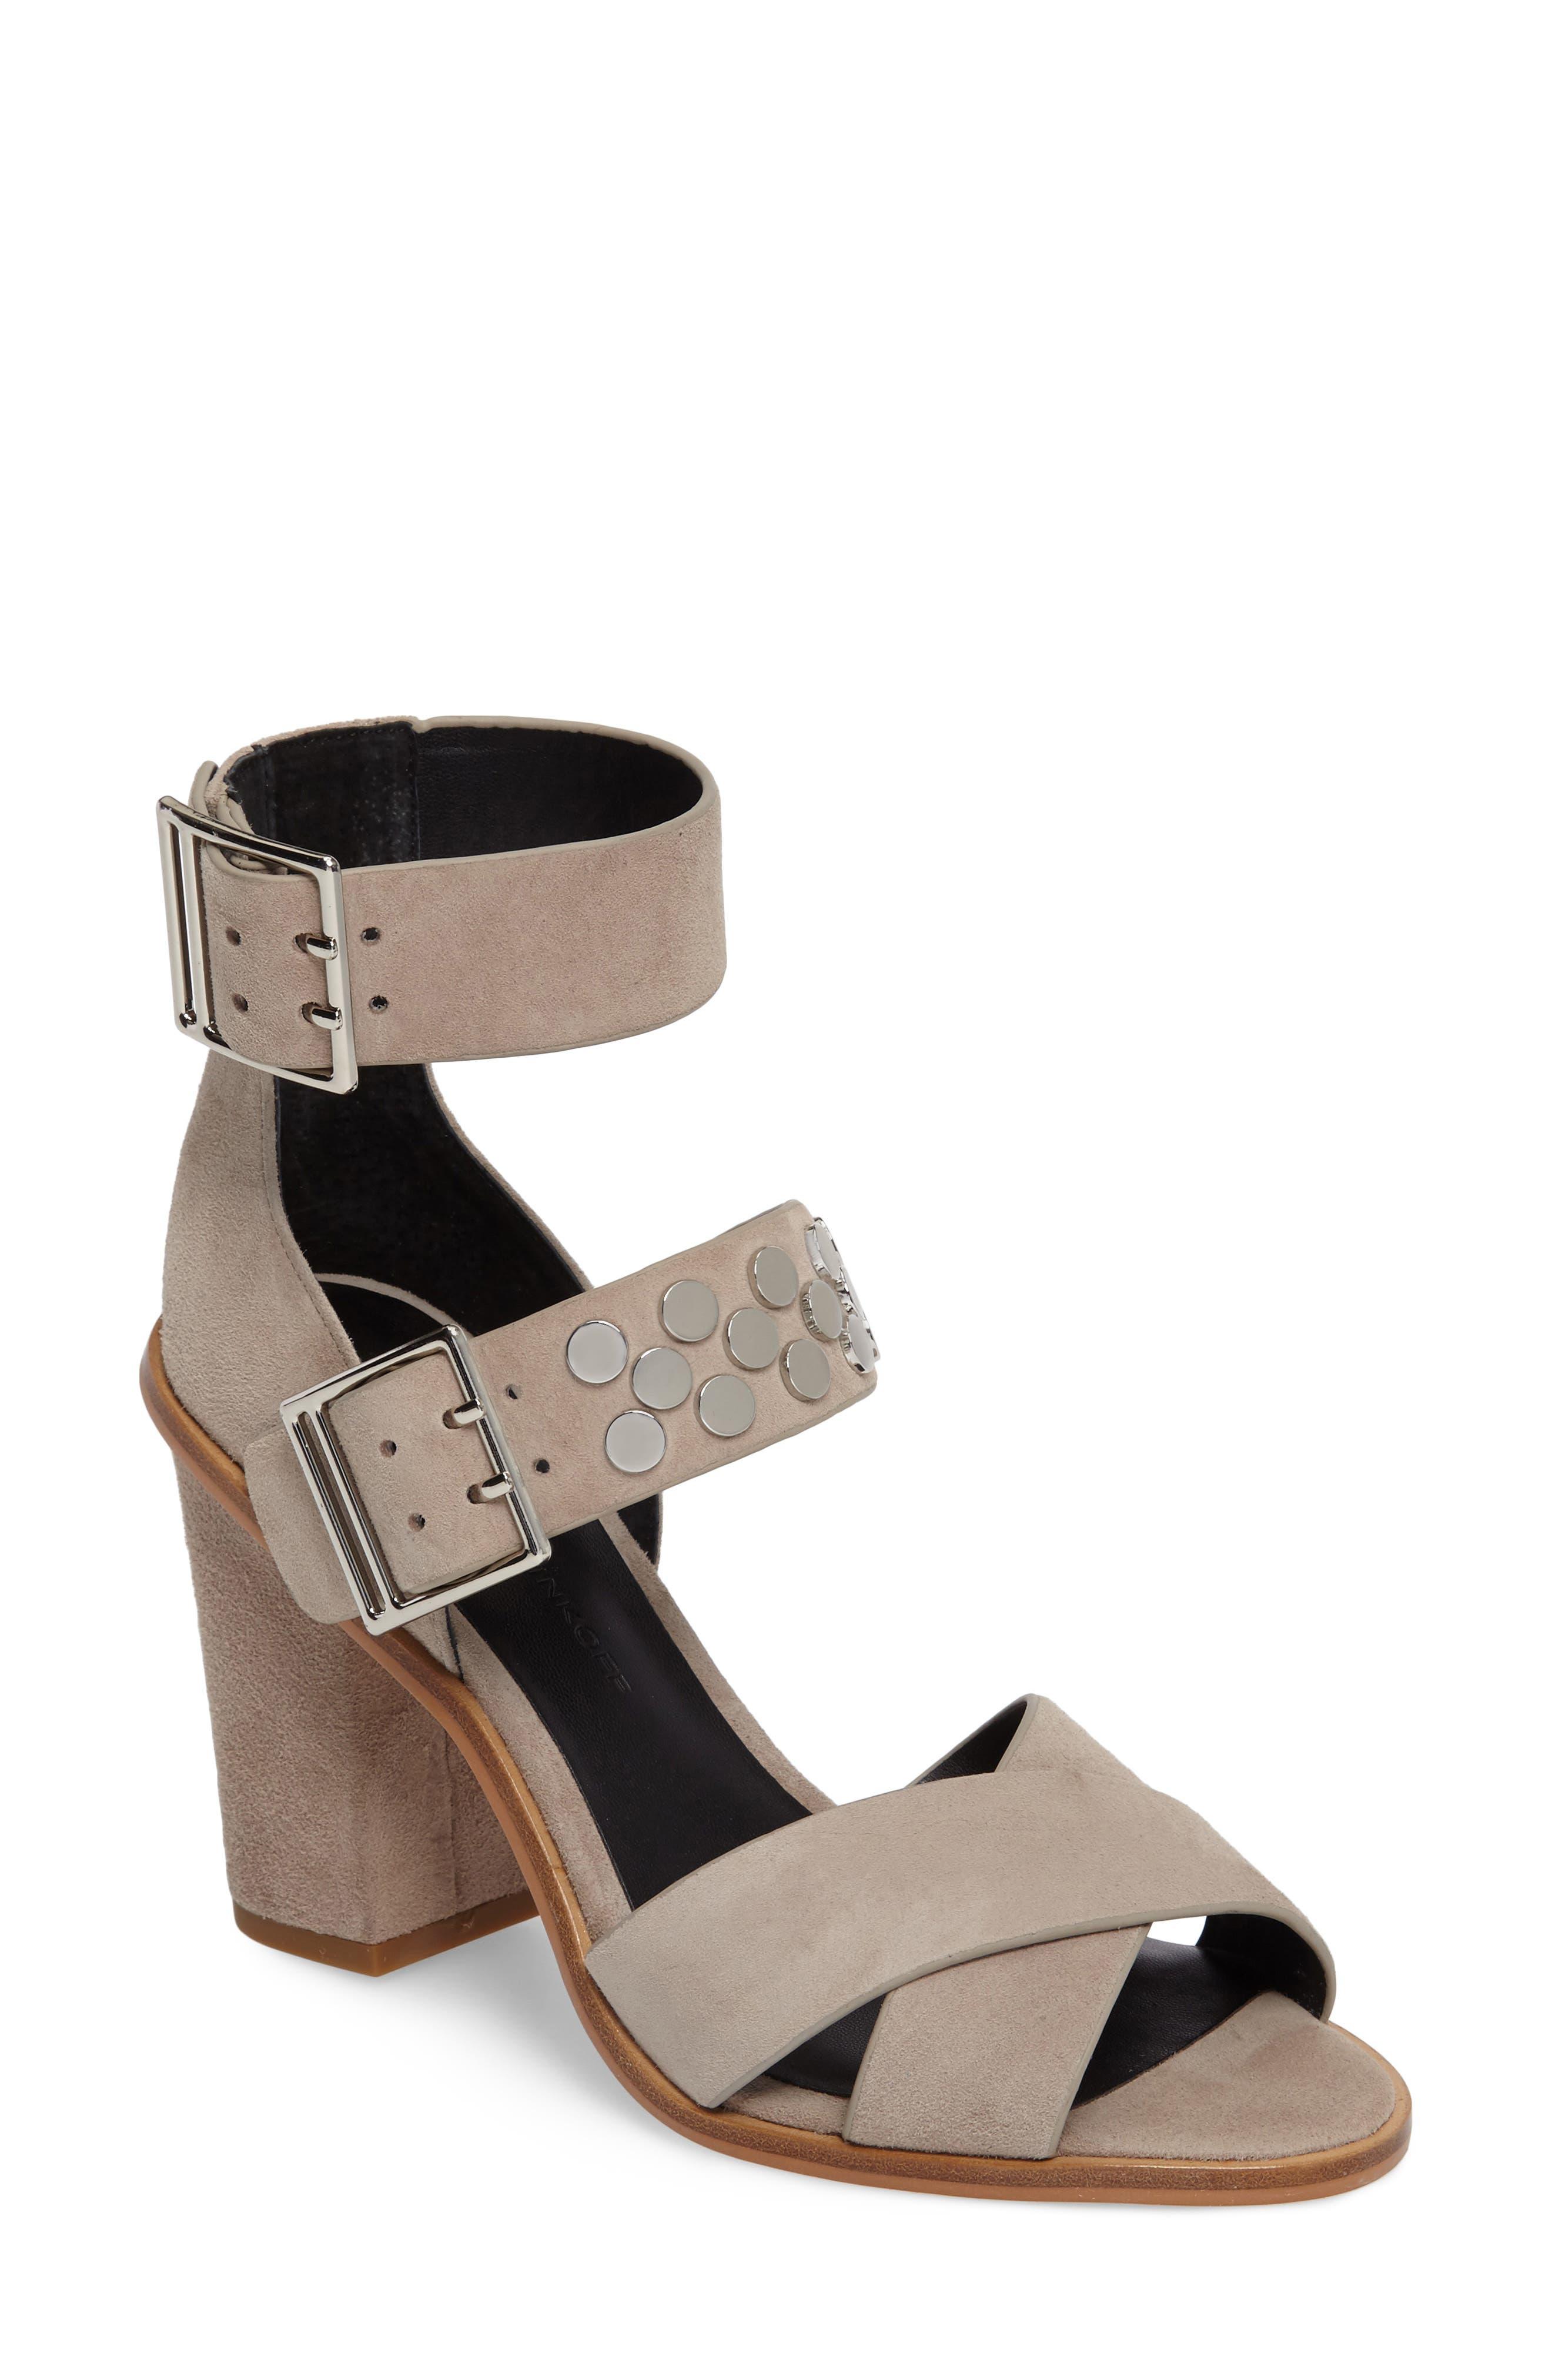 Main Image - Rebecca Minkoff Jennifer Studded Ankle Cuff Sandal (Women)